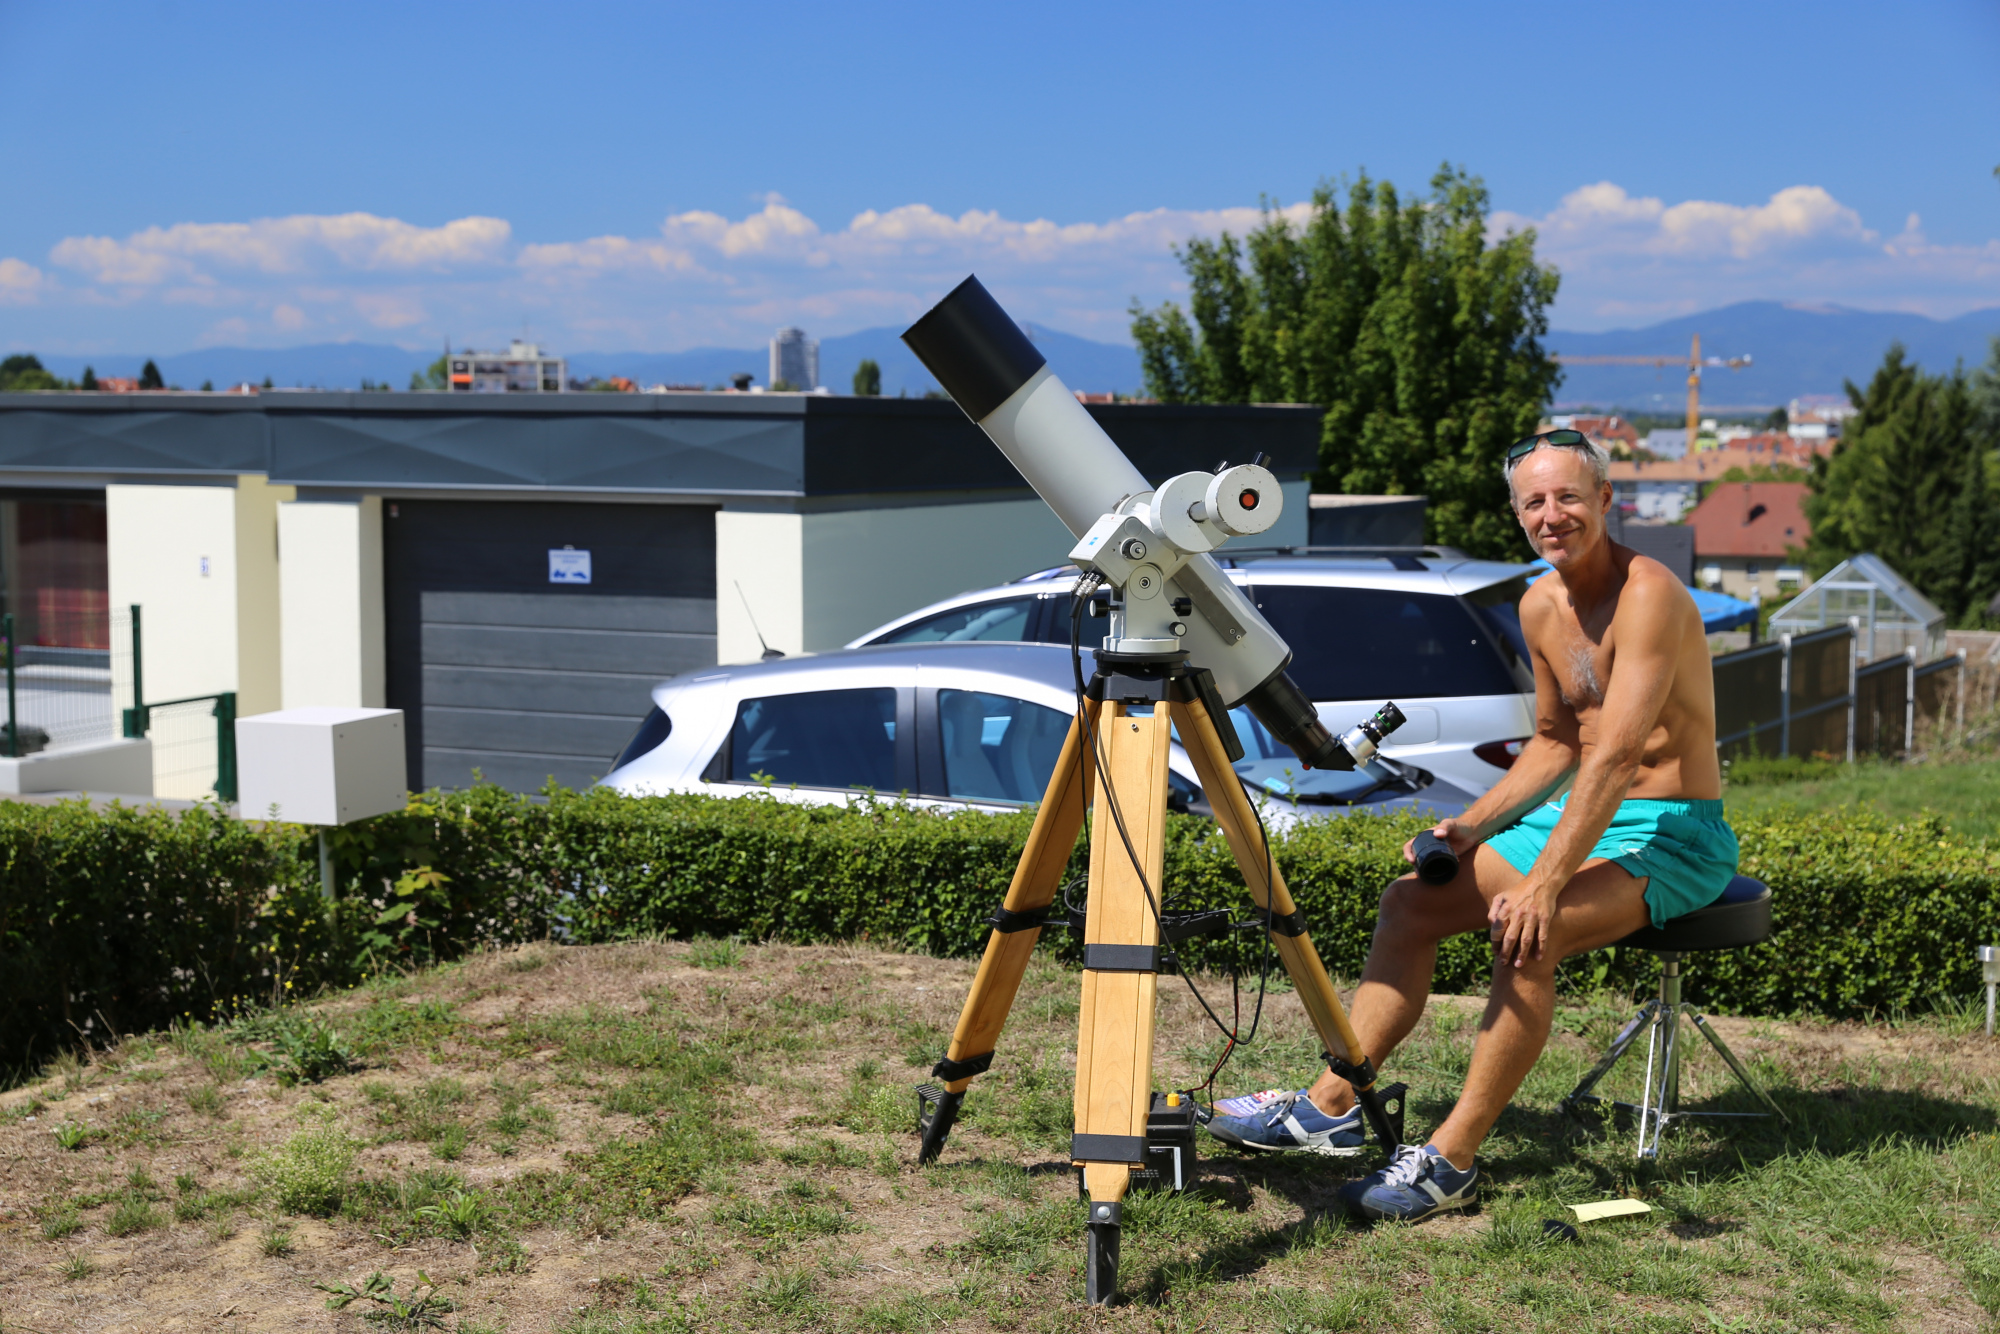 2015_08_21 Zeiss croissant de Venus et taches solaires 002.jpg